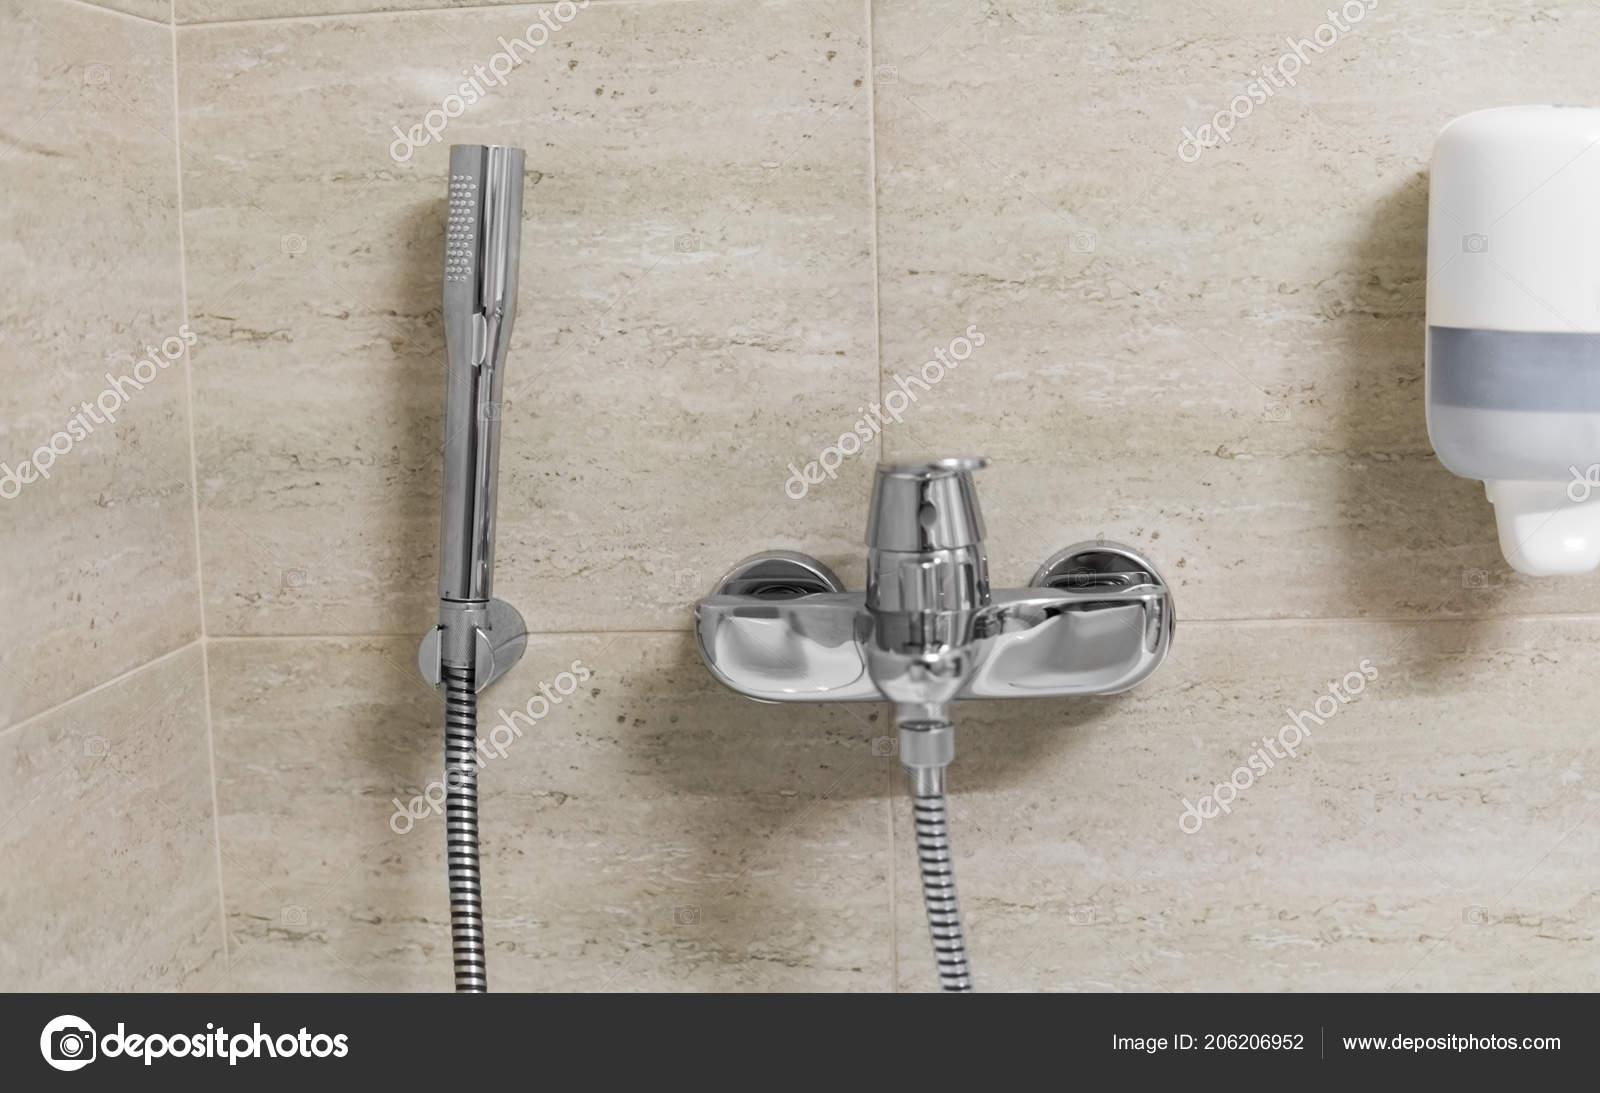 Dusche Und Bad Armaturen Im Badezimmer Stockfoto C Volodymyrshtun